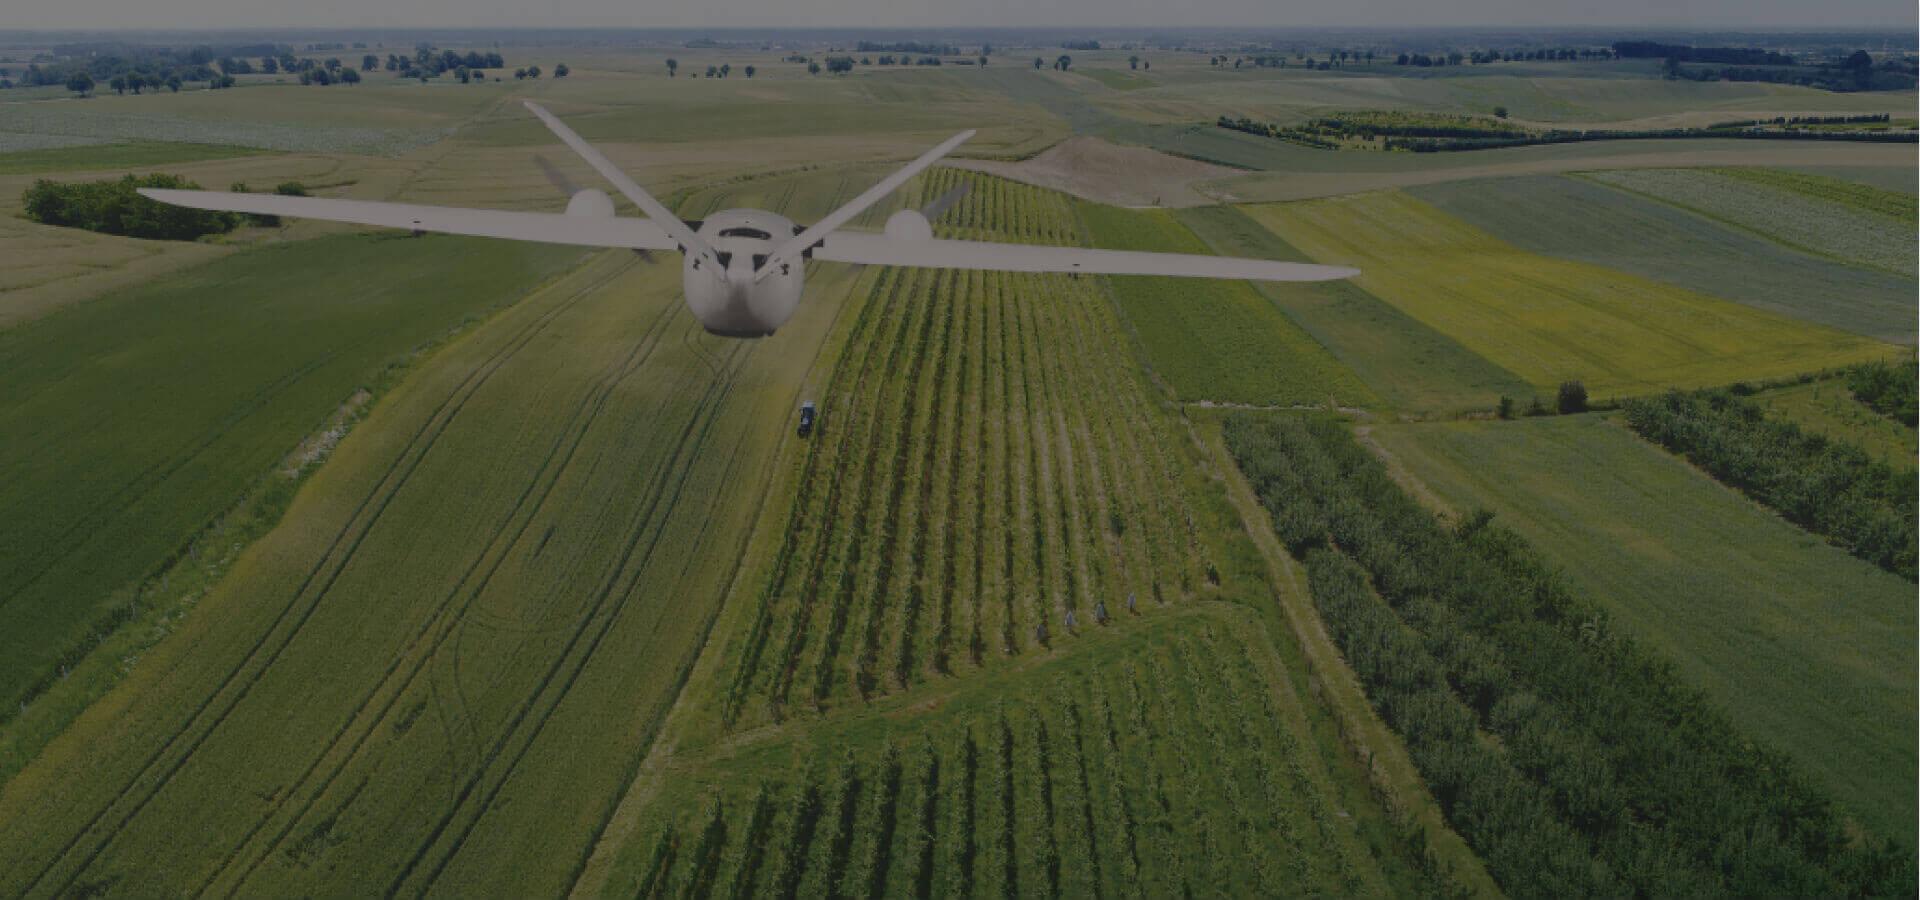 samolot bezzałogowy pionowego startu ekoSKY